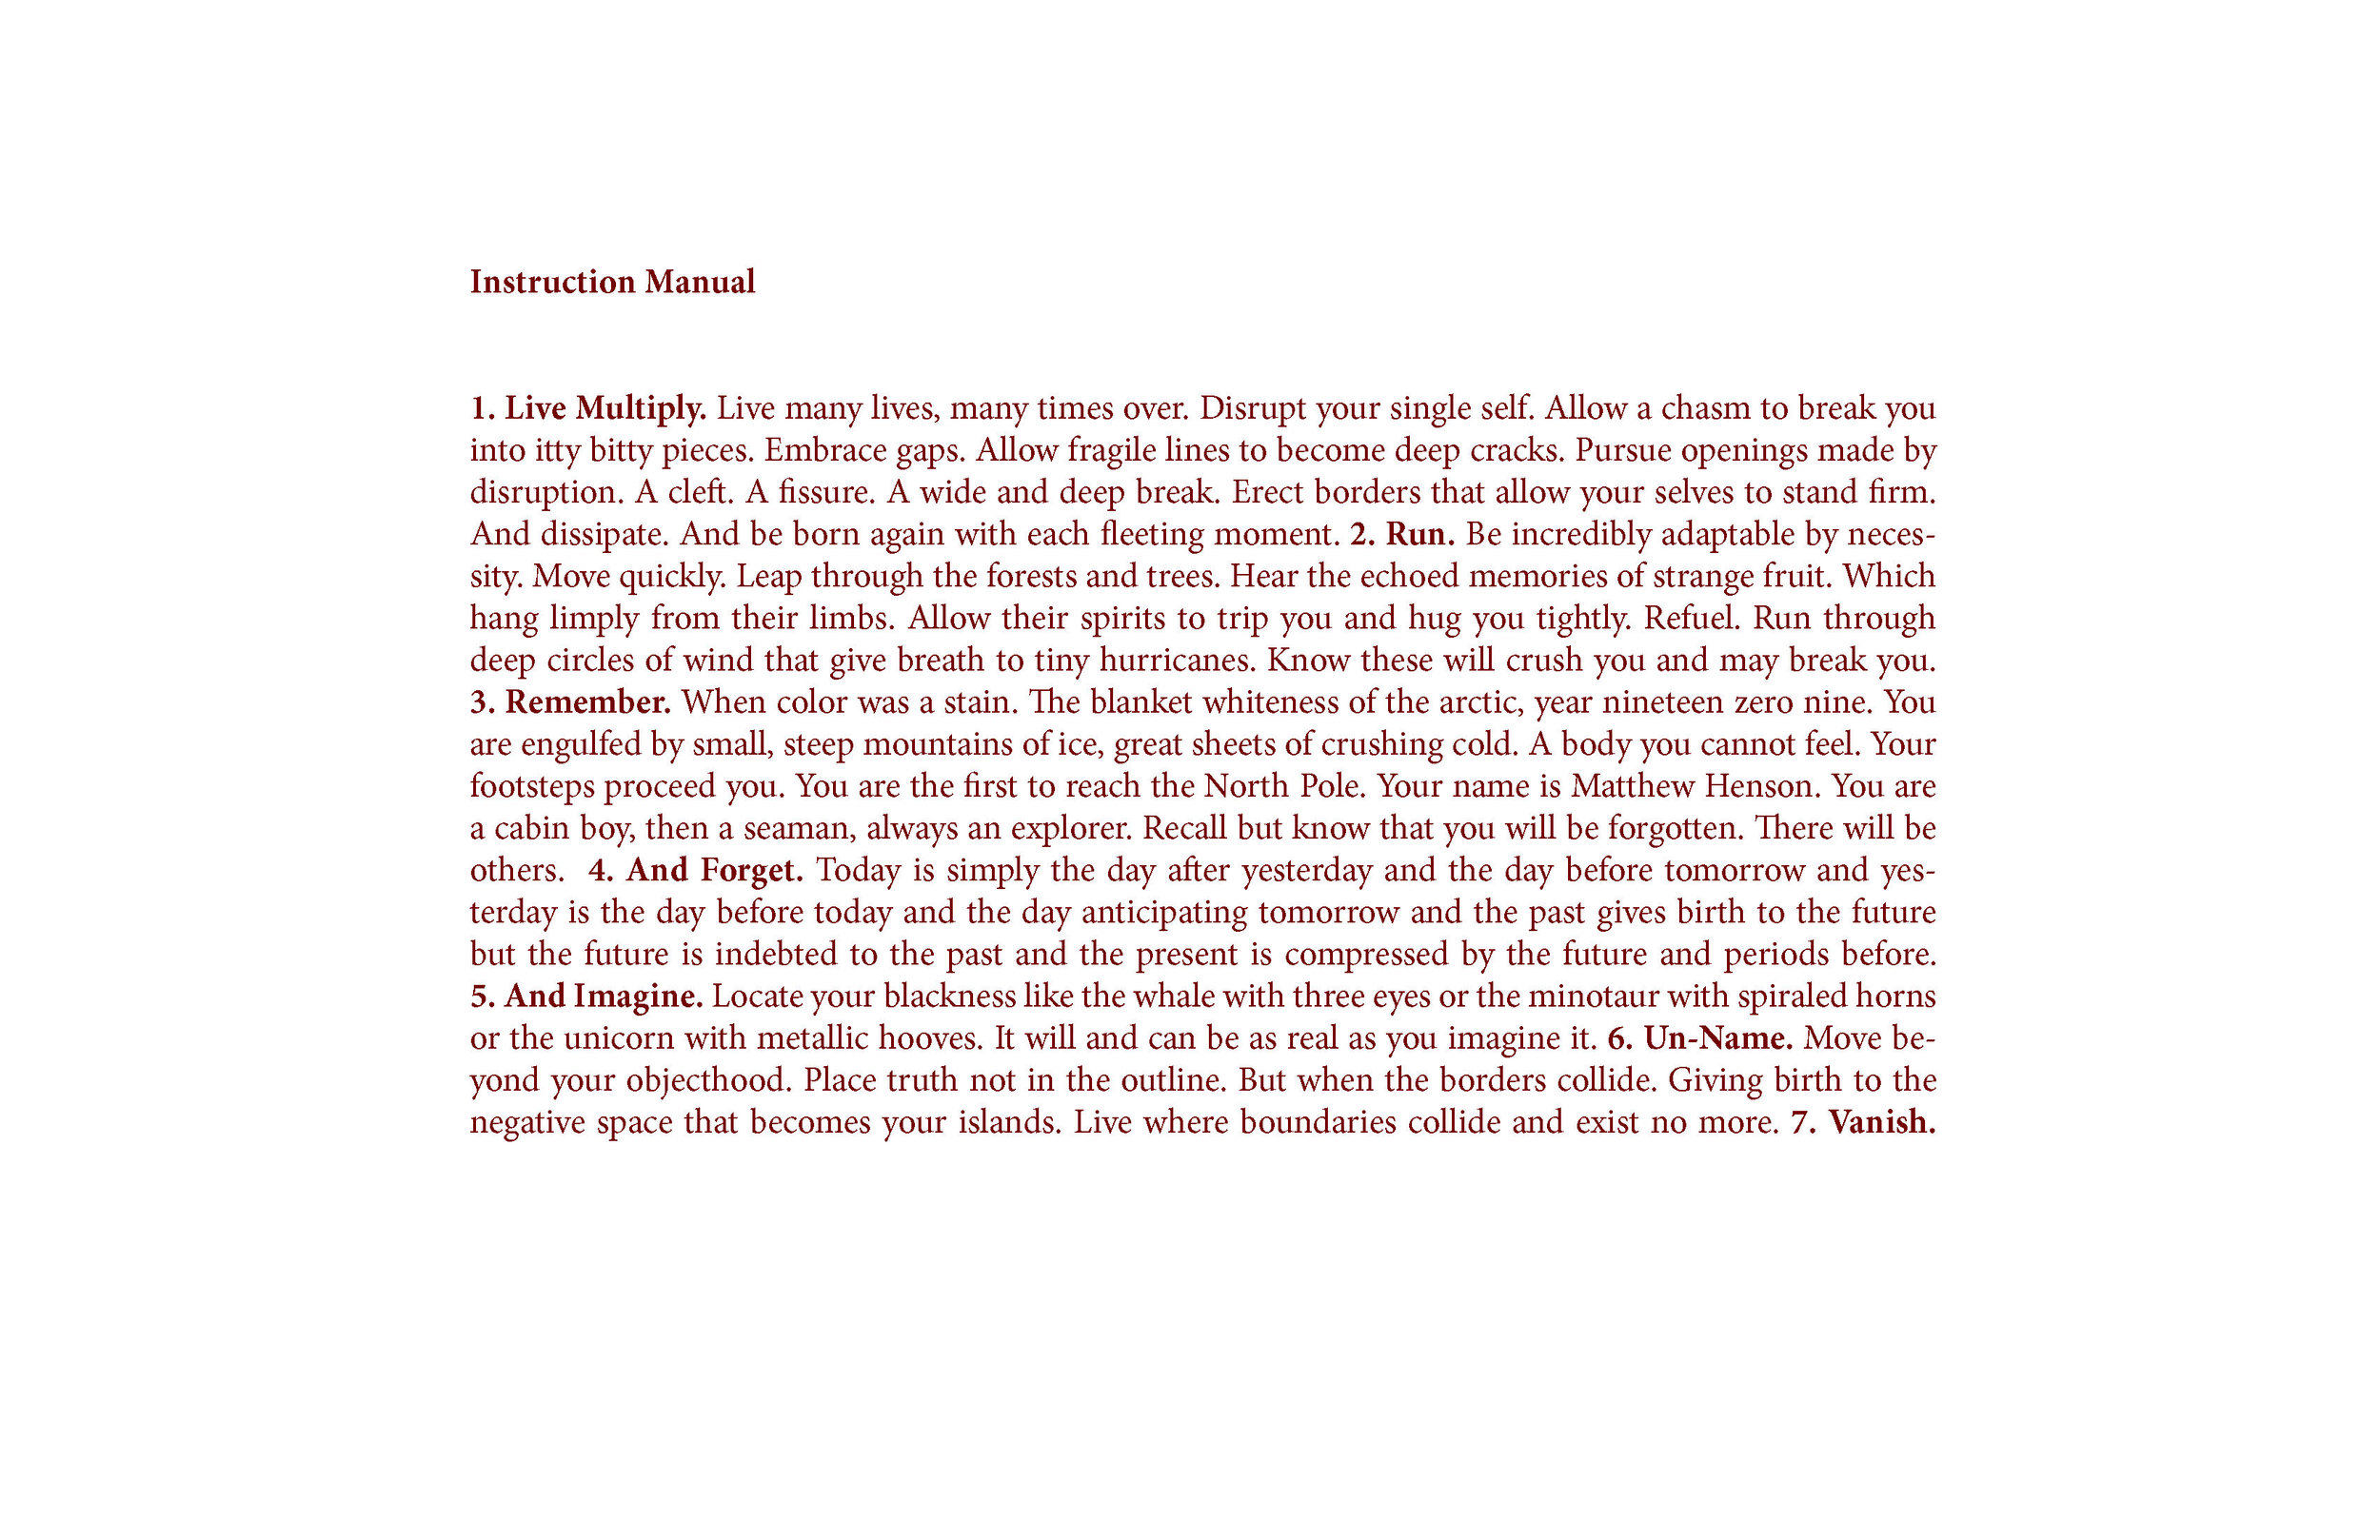 01_writing_Ayanna_Jolivet_Mccloud.jpg